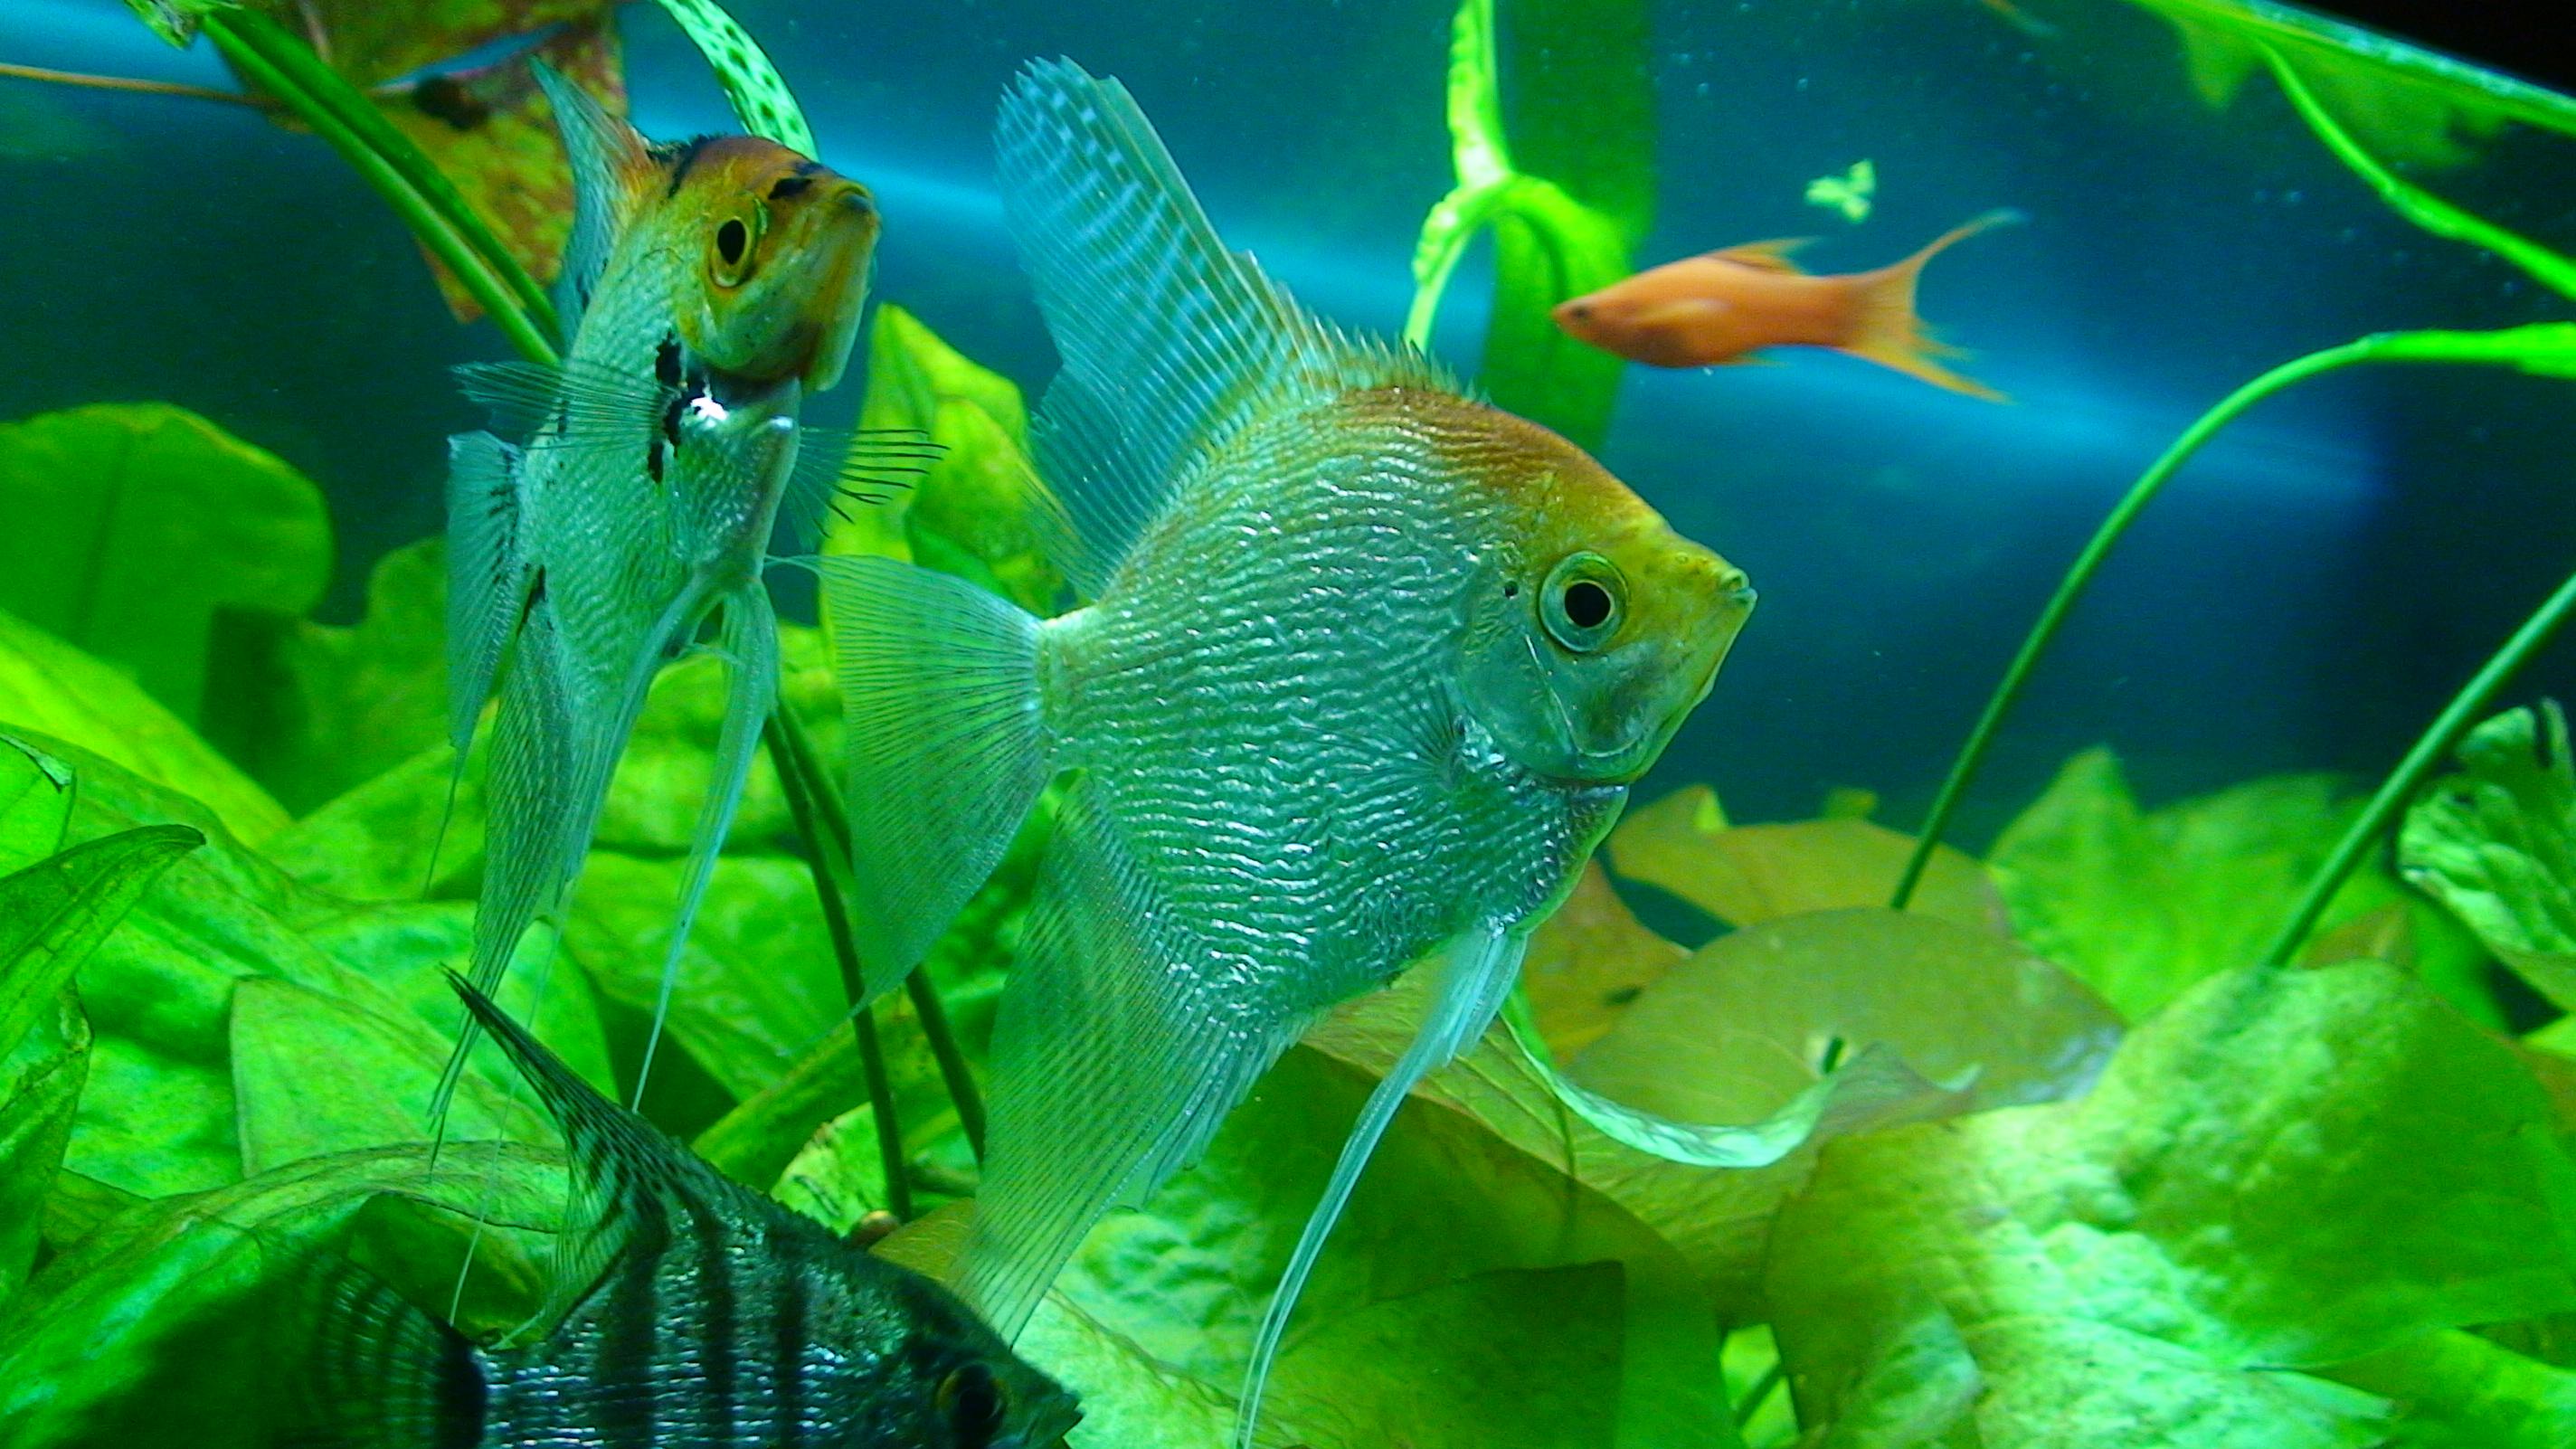 Жительница Лондона заказала на eBay стеклянный стол, а получила 150 тропических рыбок